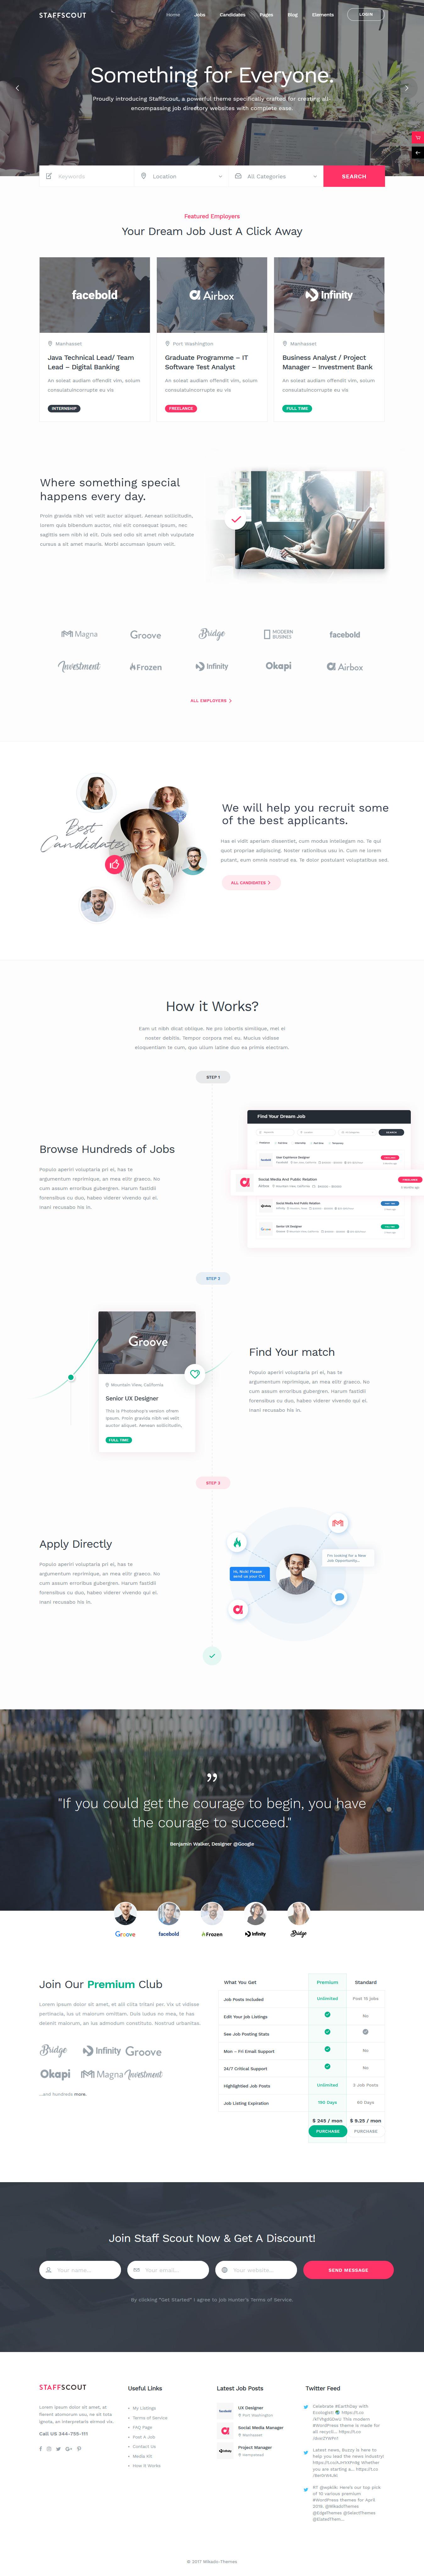 staffscout best premium job board wordpress theme - 10+ Best Premium Job Board WordPress Themes